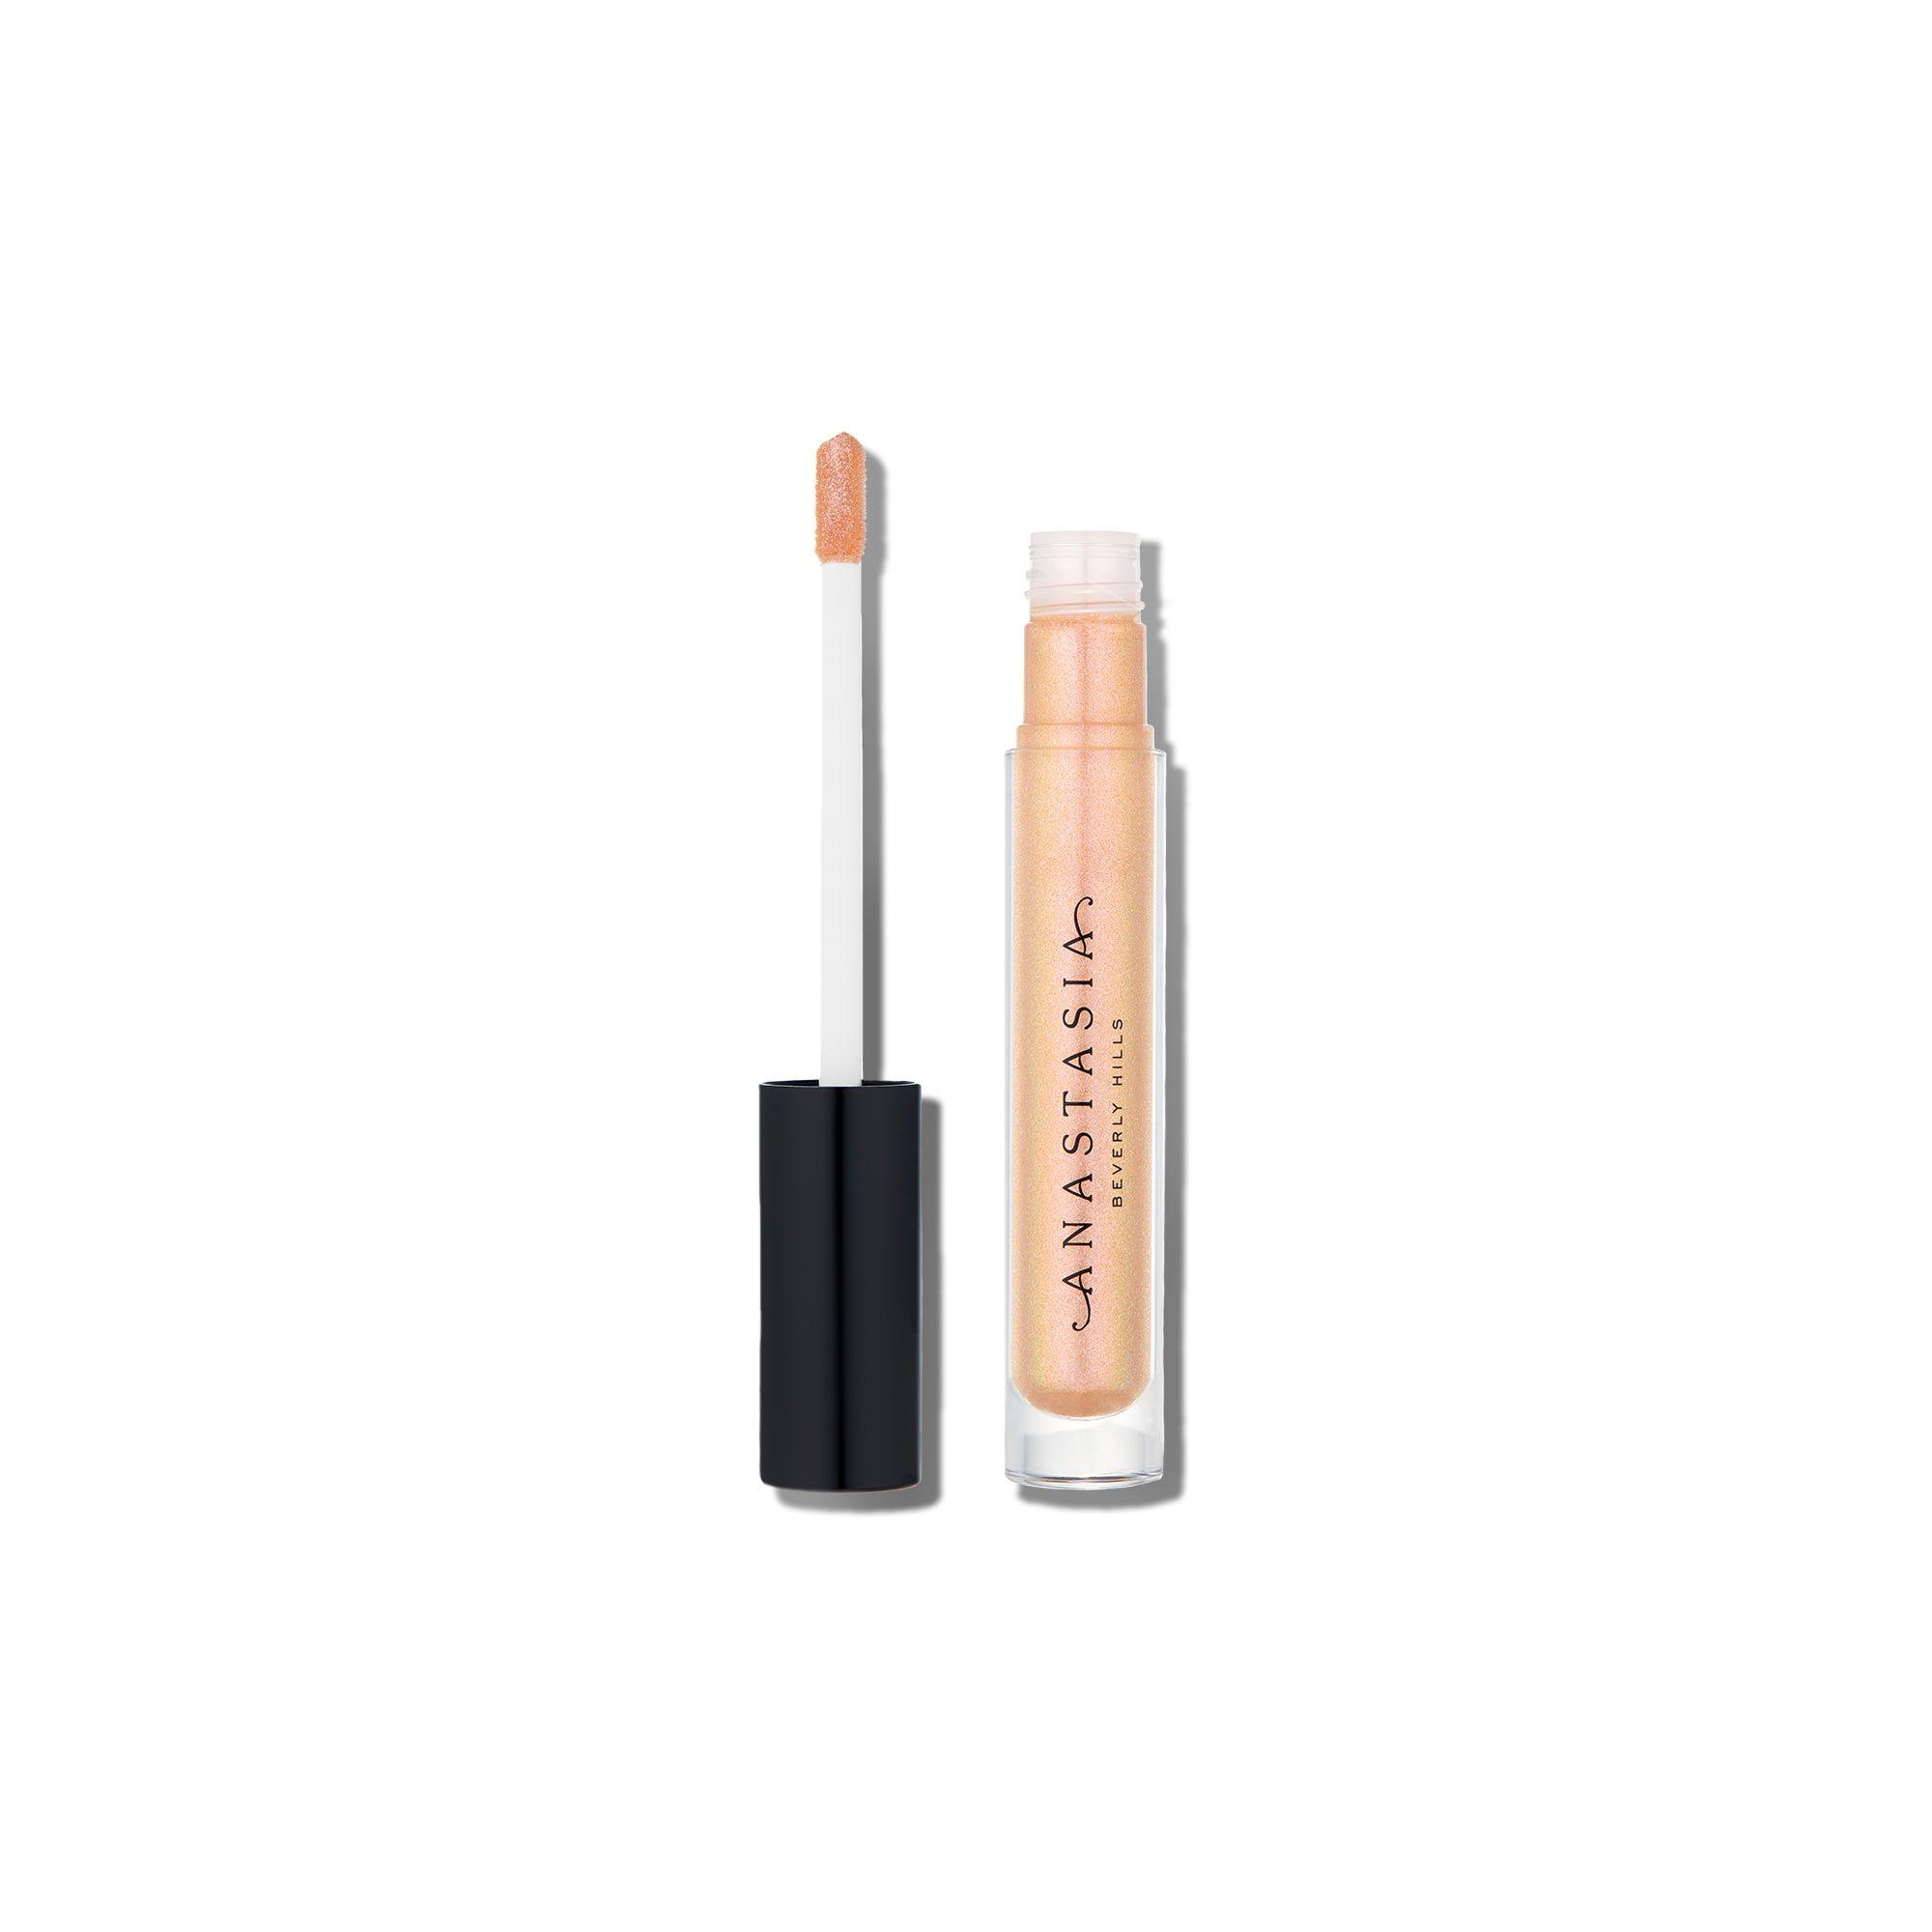 High Shine Lip Gloss | Lip Glosses | High shine lip gloss, Lip gloss, Brown lipstick